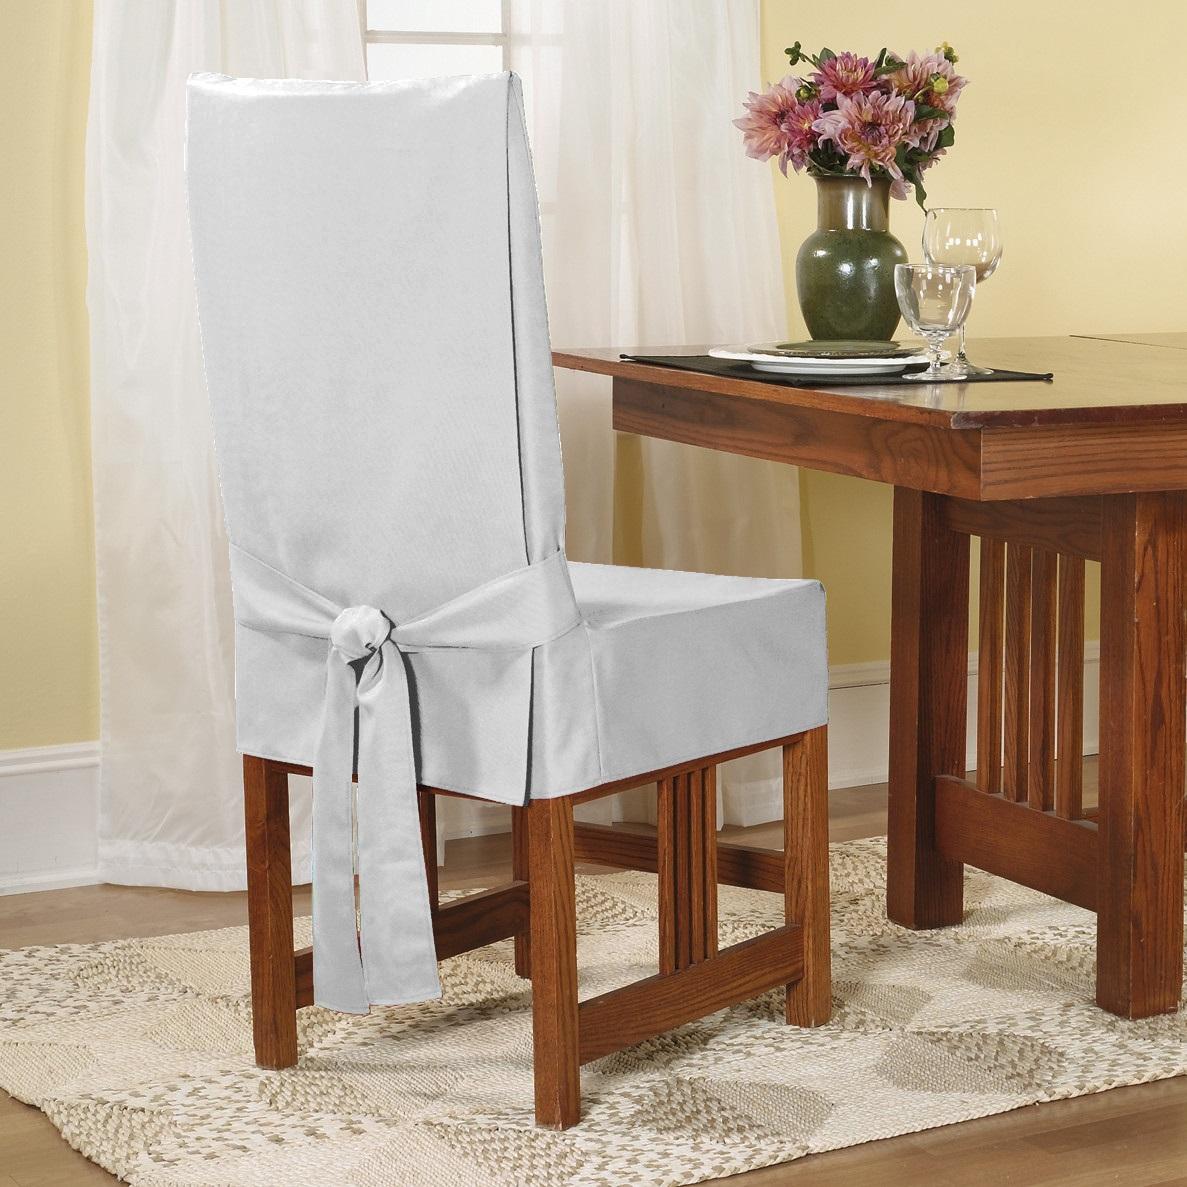 чехол для стула из шелка